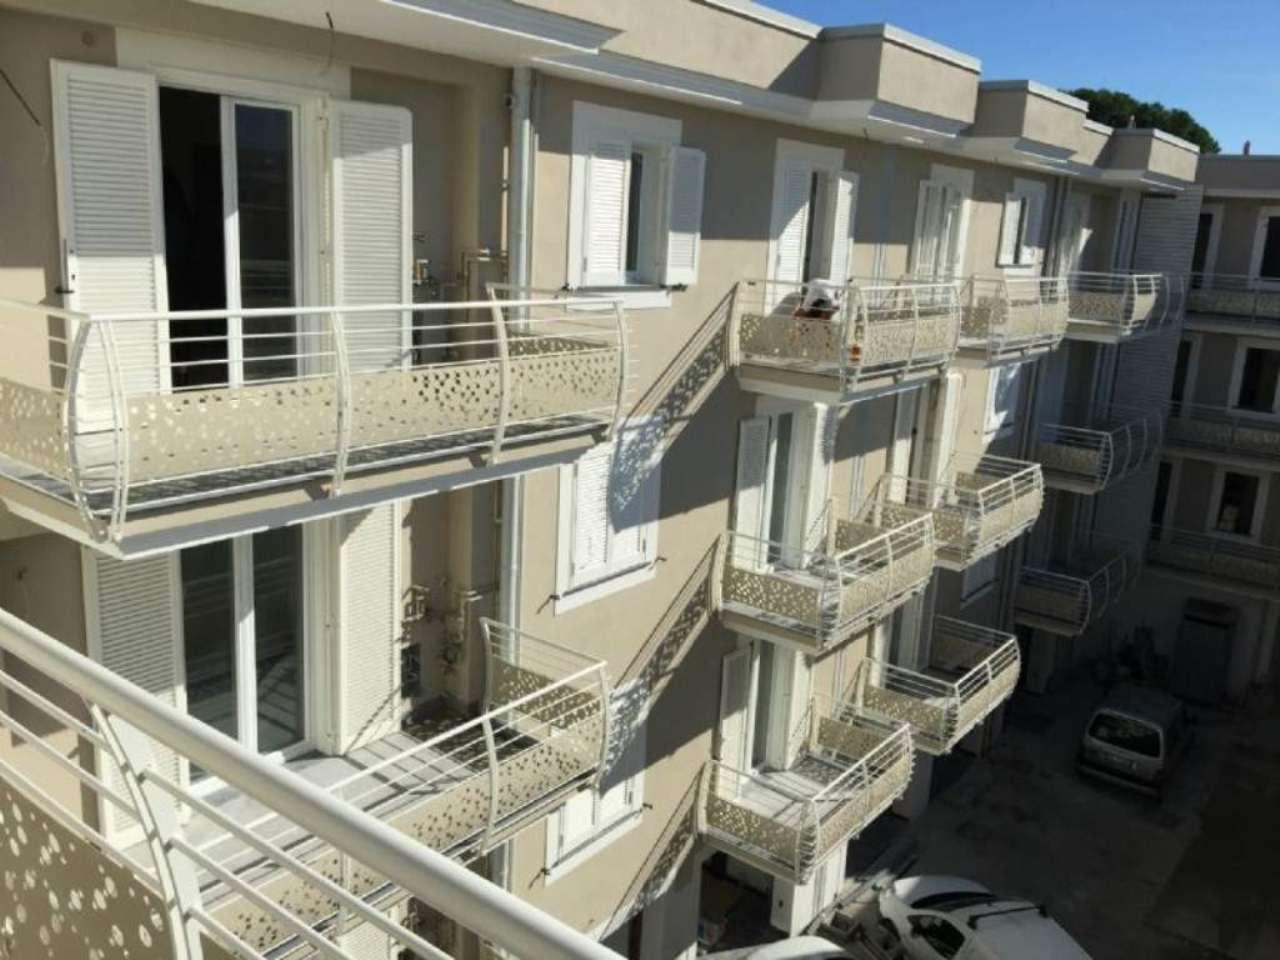 Appartamento in vendita a Pomigliano d'Arco, 2 locali, prezzo € 200.000 | Cambio Casa.it